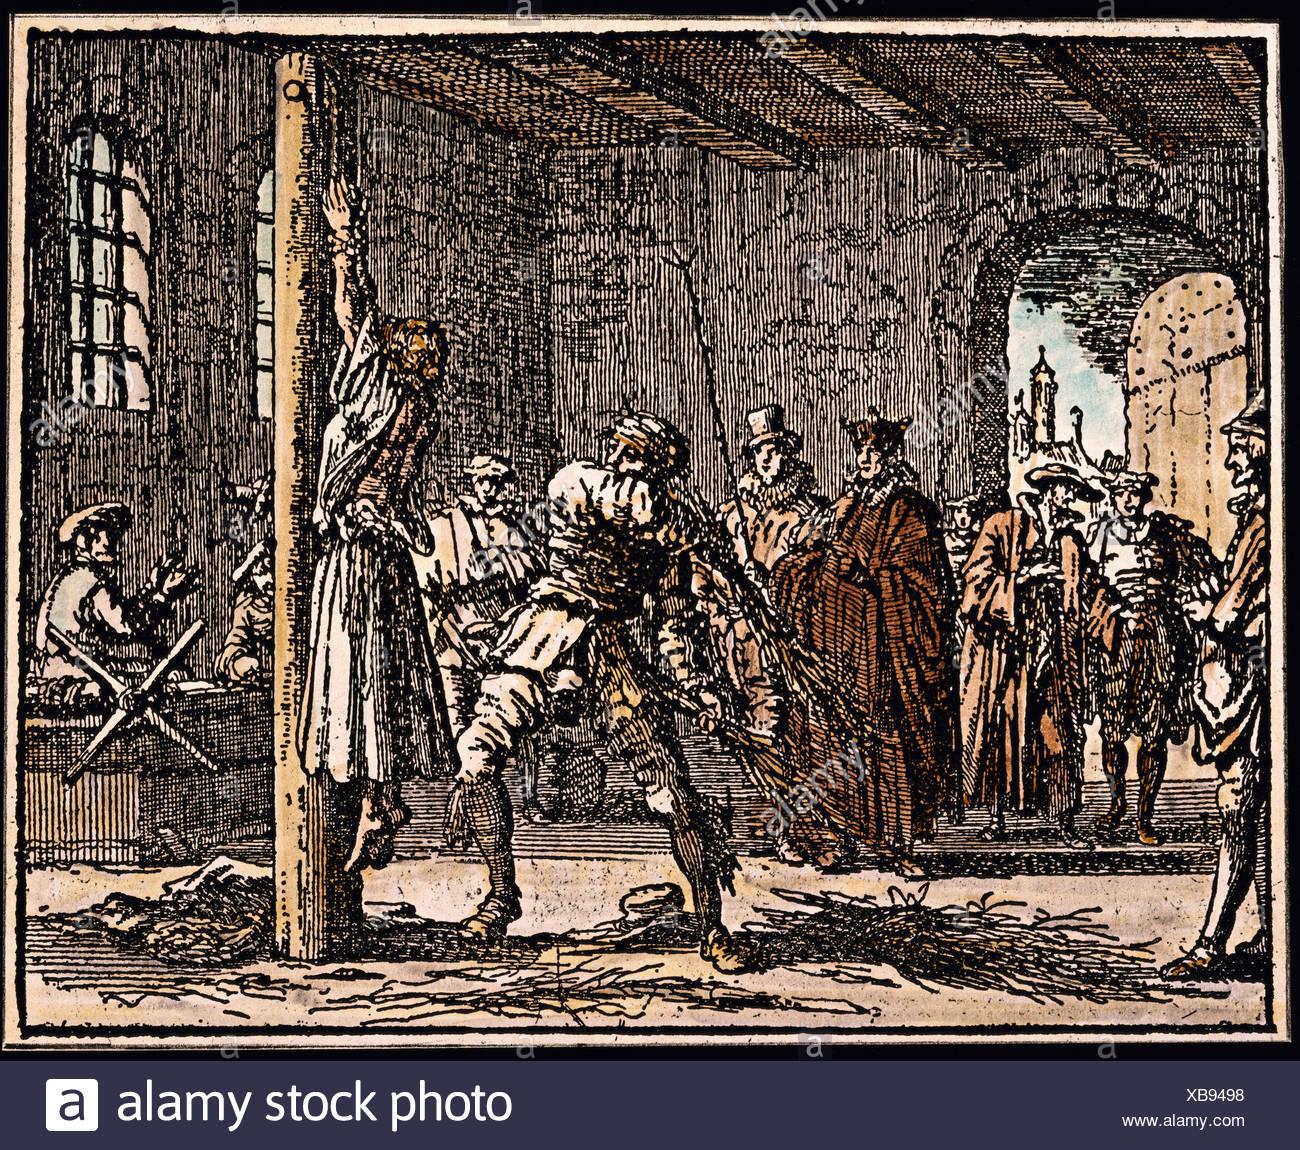 medieval flogging